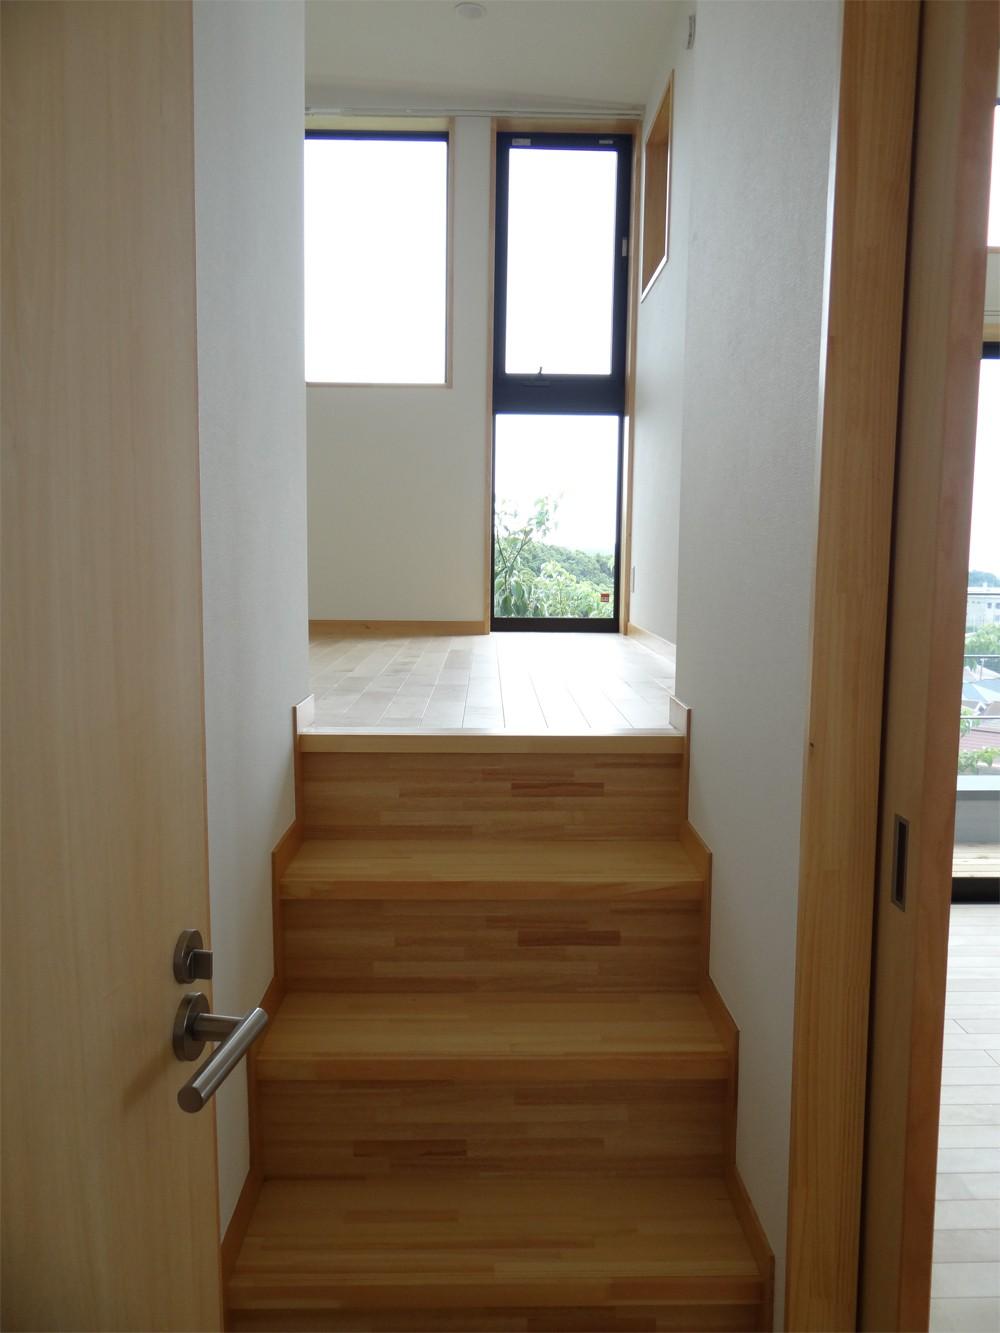 コアジロハウス 住戸A―眺望を最大限に生かした共同住宅ー (室内階段)